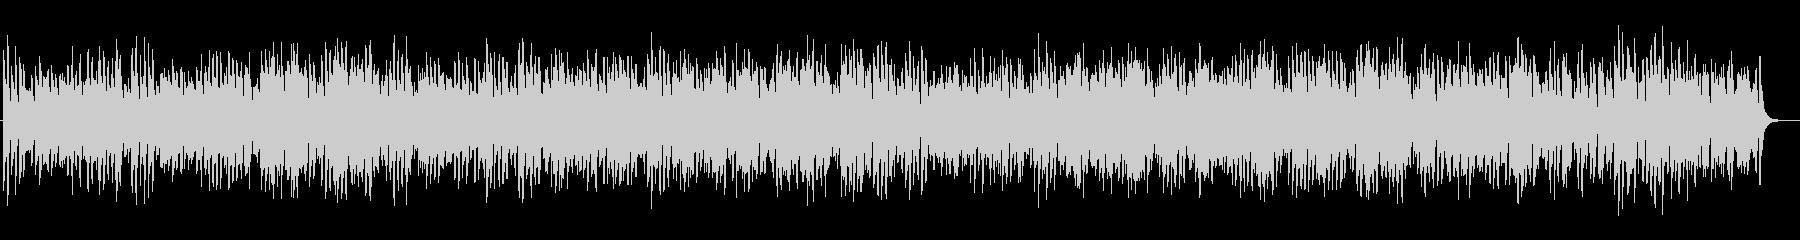 コメディーソロピアノラグ。昔のロン...の未再生の波形